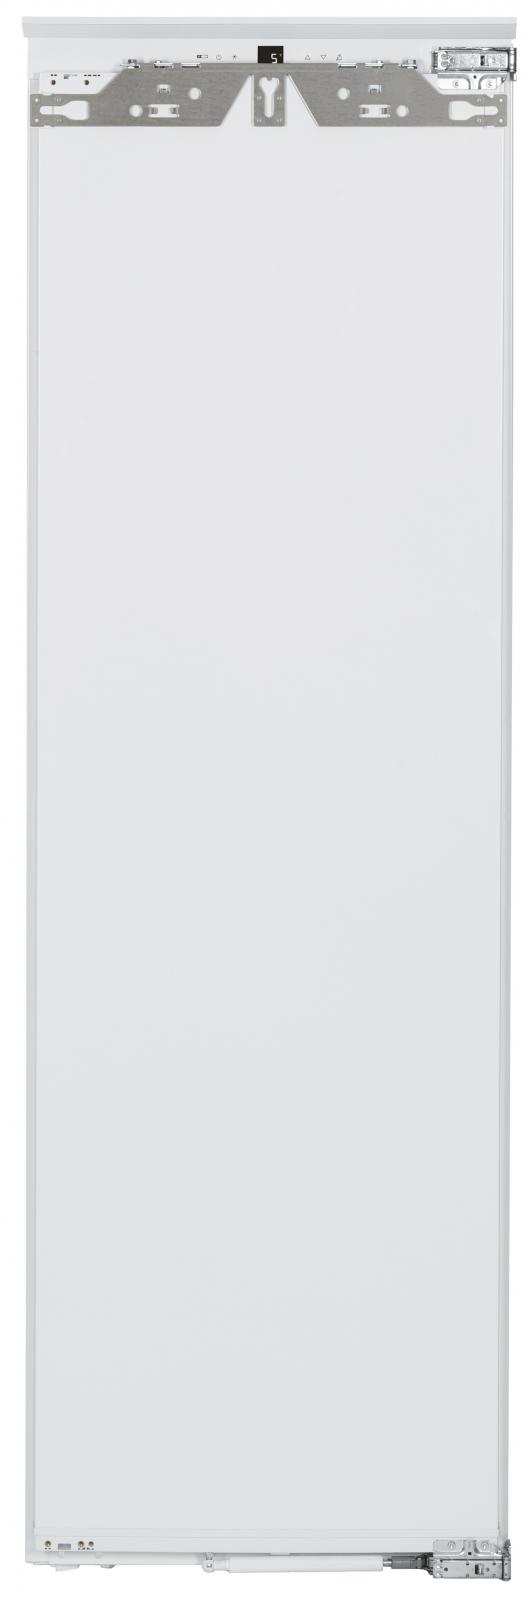 купить Встраиваемый однокамерный холодильник Liebherr IKB 3560 Украина фото 2